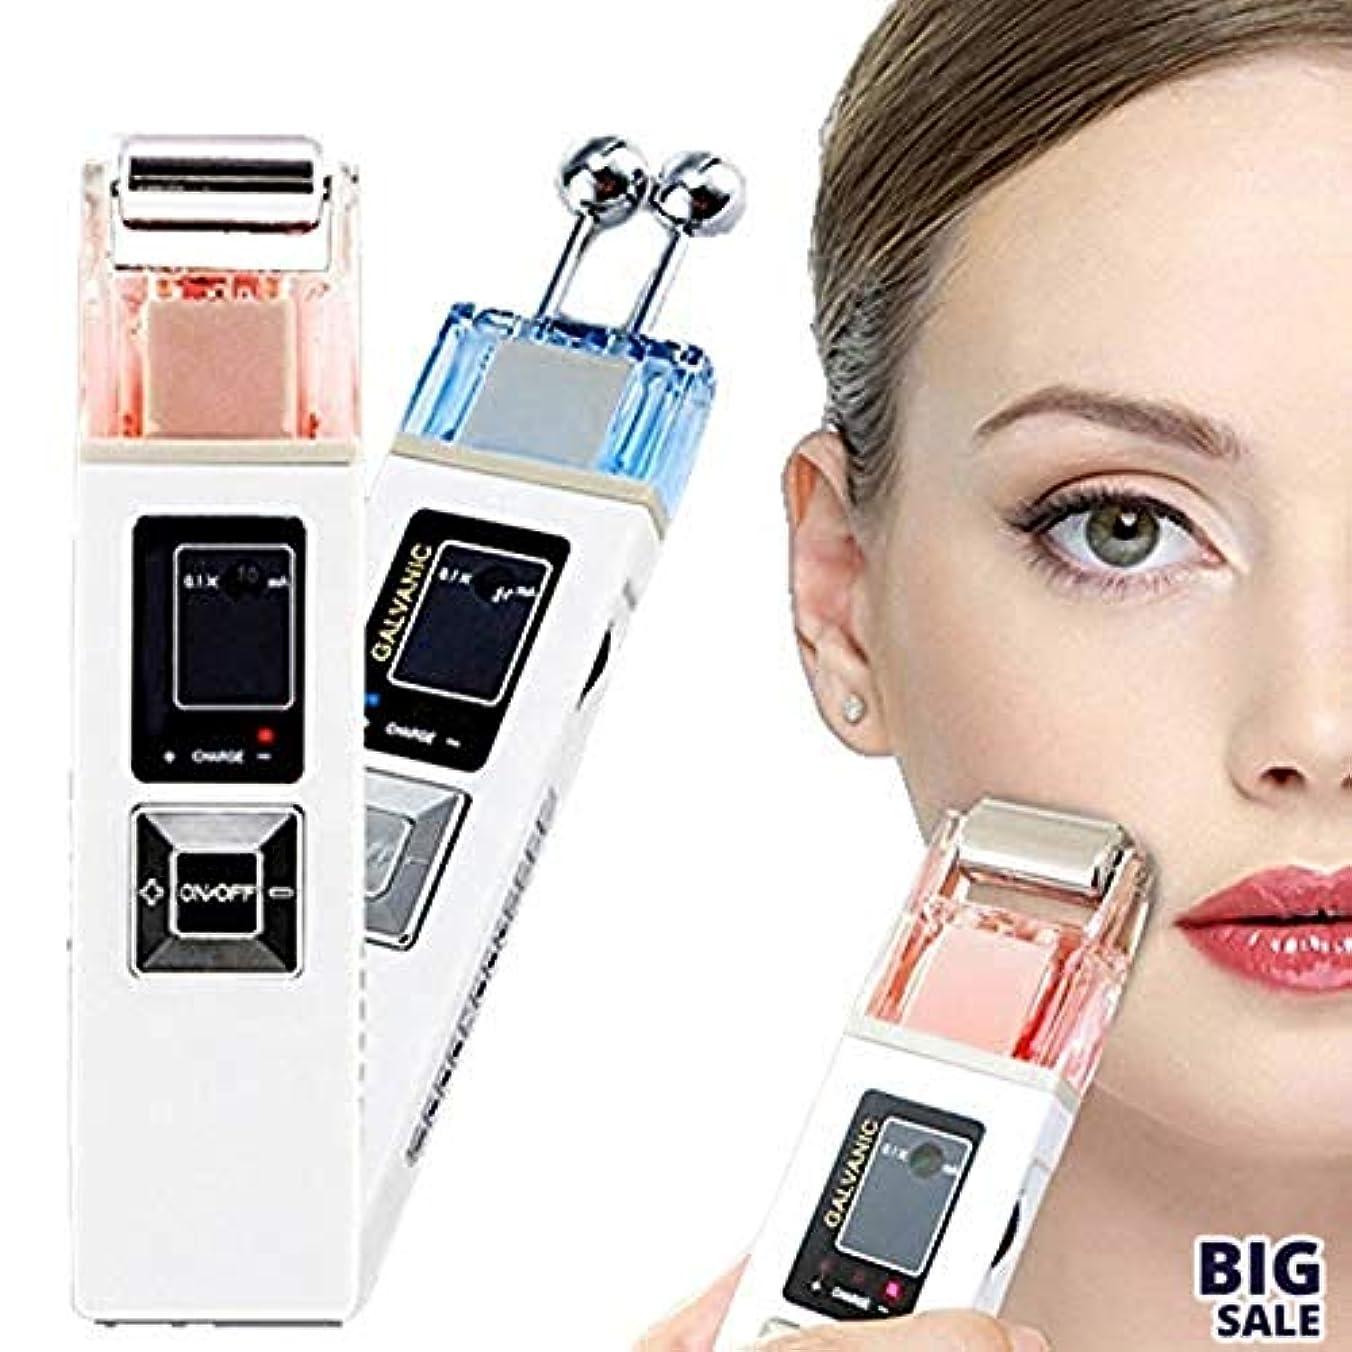 近々集団人NICEE5 1つの美顔装置に付き、無線周波持ち上がるEMS LCDライトガルバニックイオン療法は若返り、滑らかな良いラインスキンケアのきつく締まりますNICEY